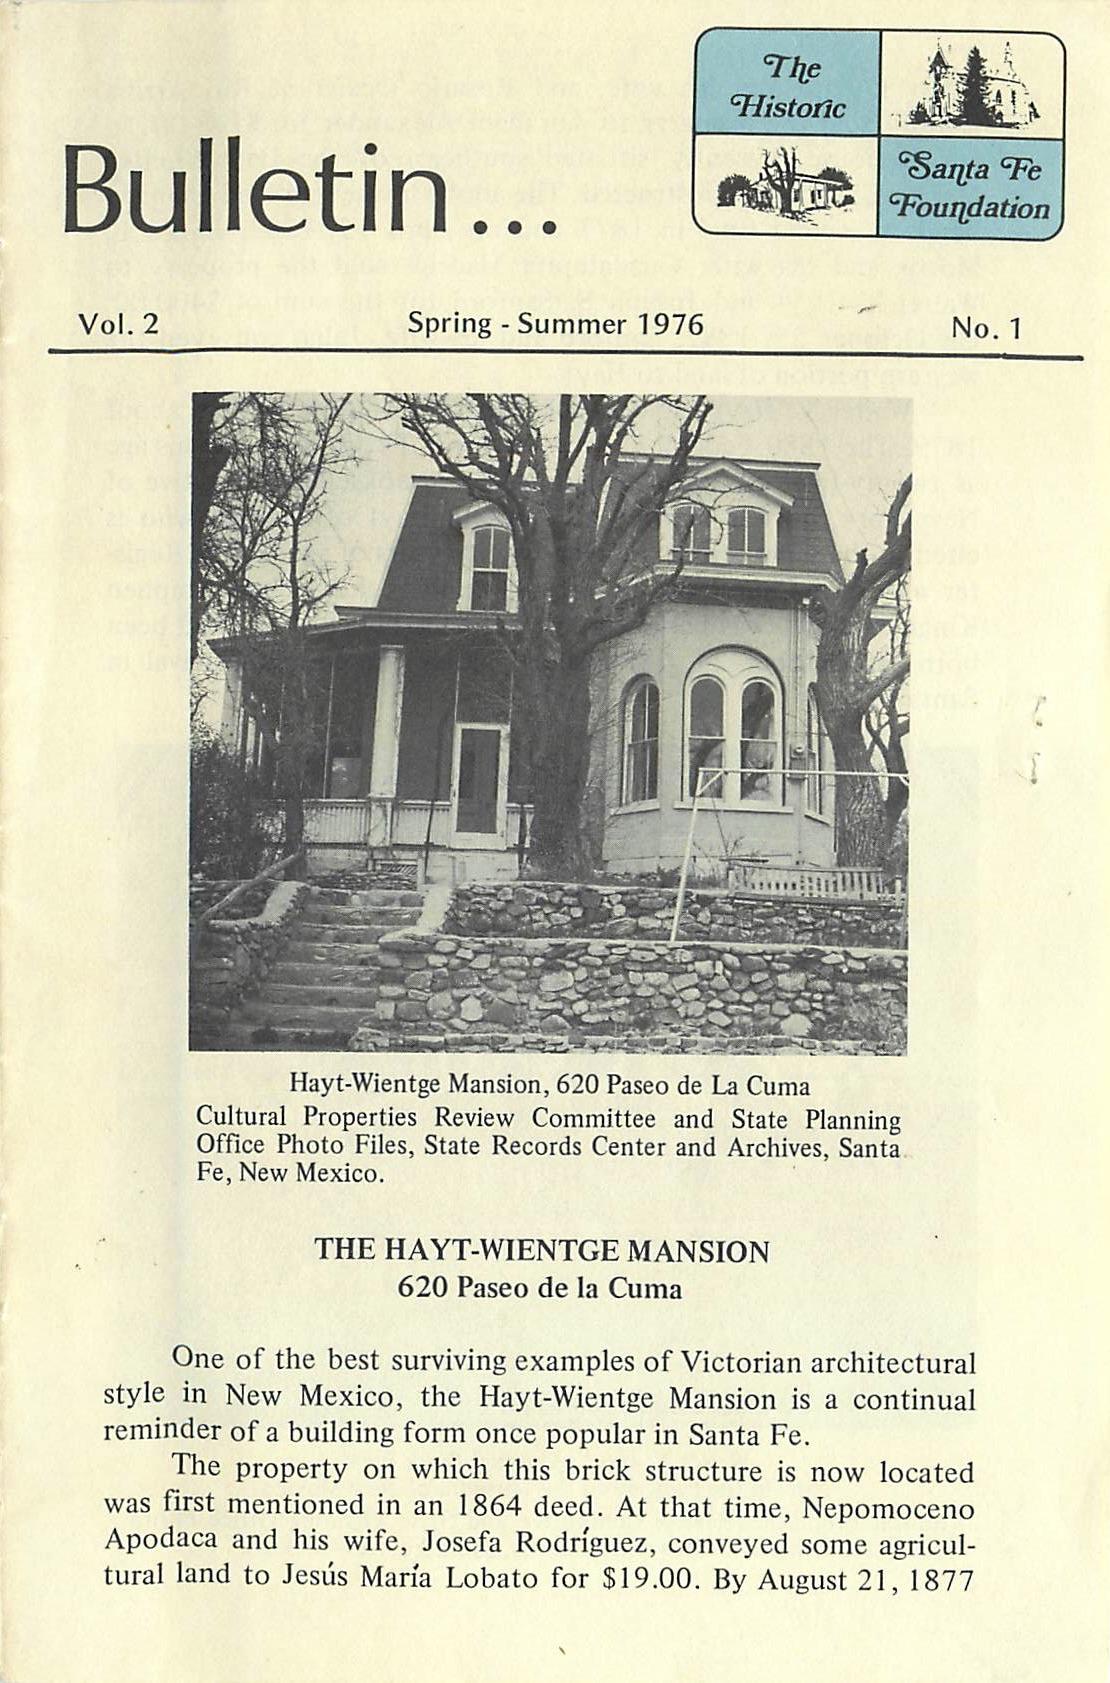 1976 HSFF Bulletin Vol.2 No.1 Cover